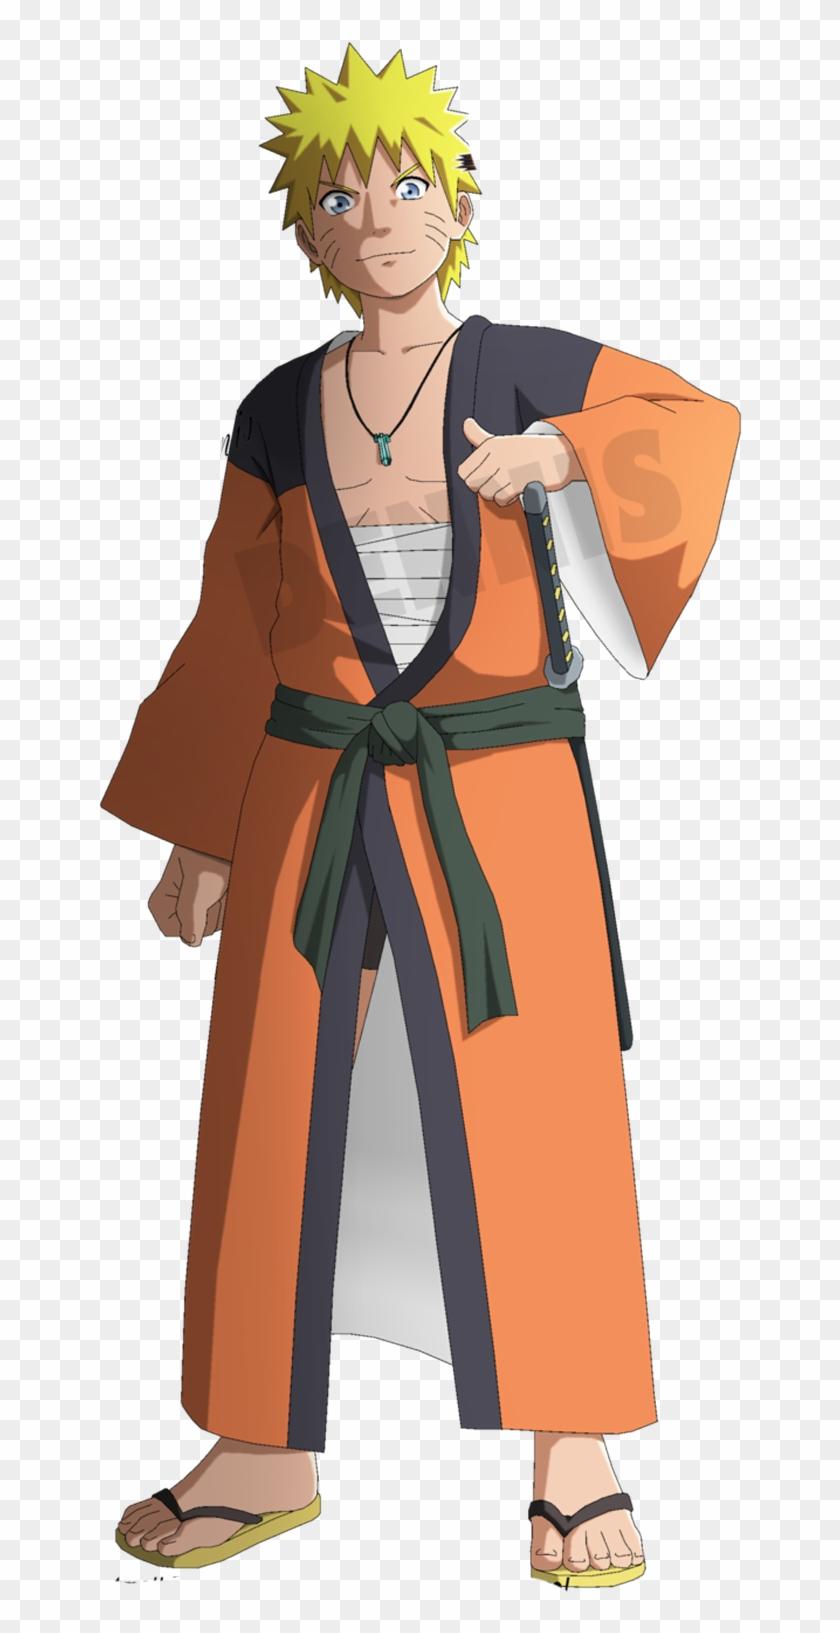 Kimono Naruto Characters, Boruto, Kimono, Kimonos.